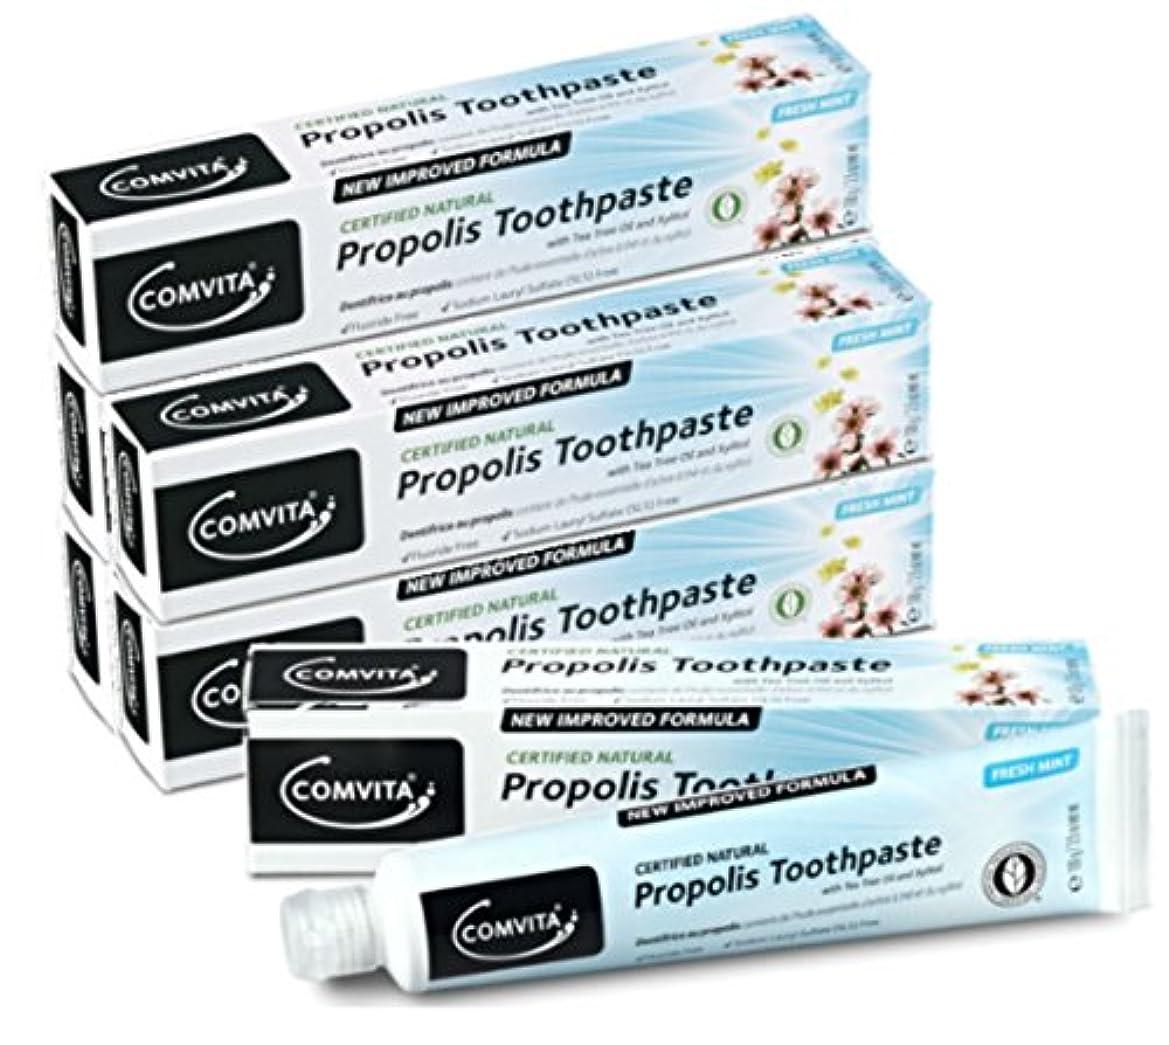 負荷故国権限を与えるプロポリス歯磨き コンビタ アピセラ歯磨き (100g) お得な6本セット ティーツリーオイル配合